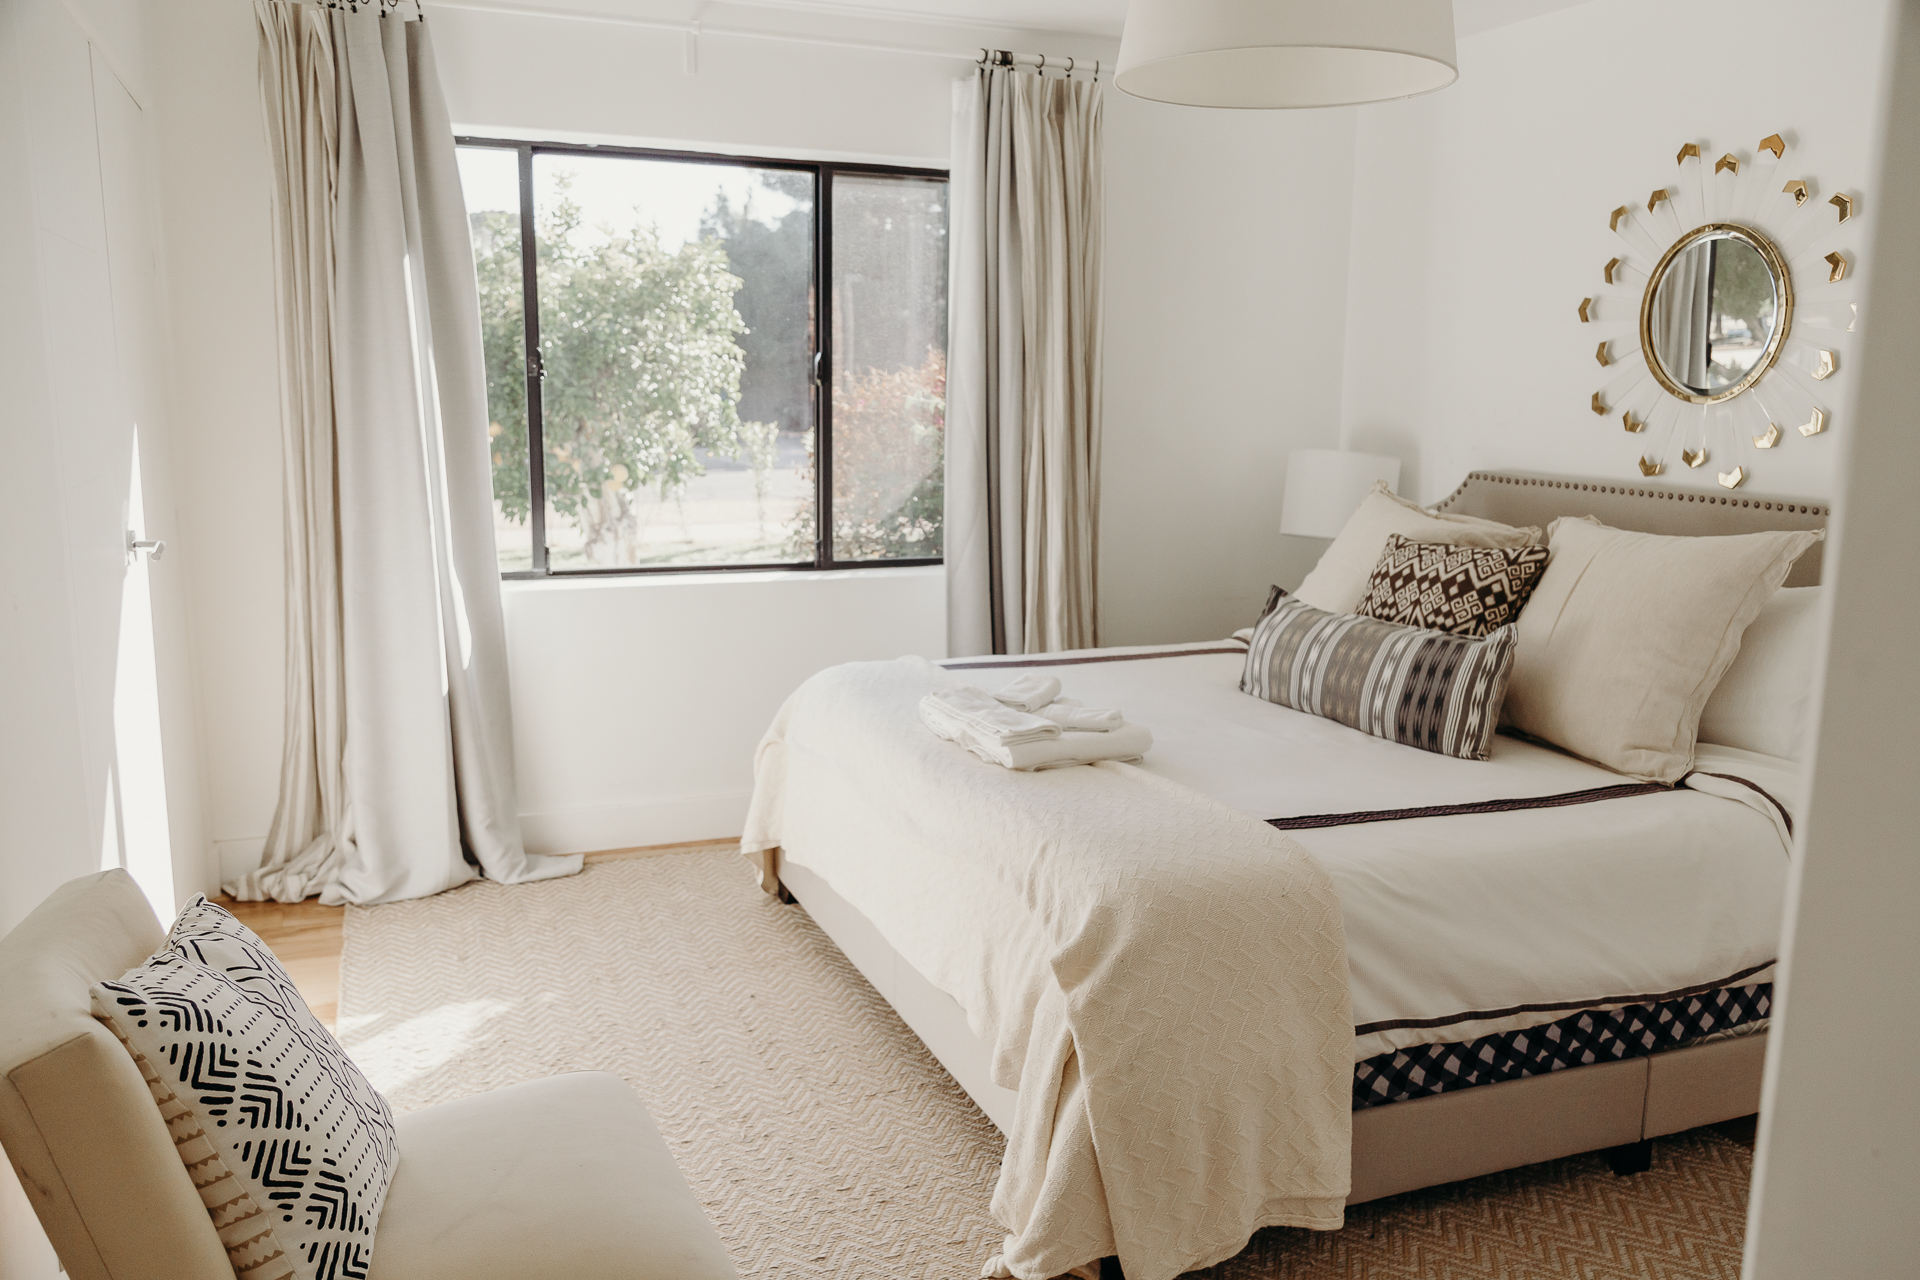 esparza-airbnb-1051.jpg